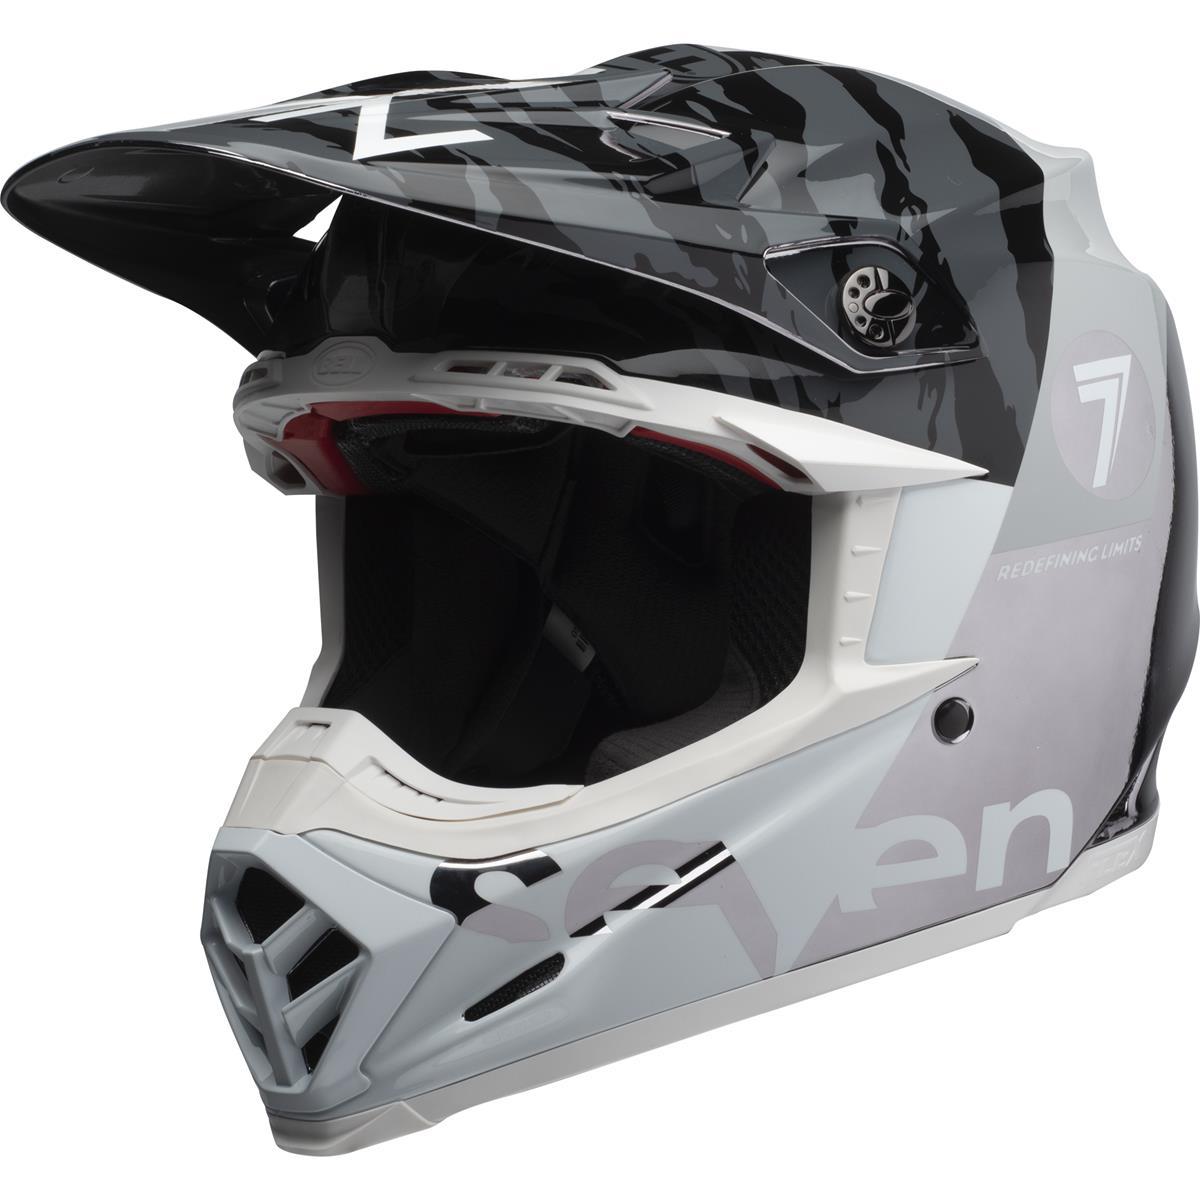 Bell Helmet Moto-9 Flex Seven Zone - Black/Chrome